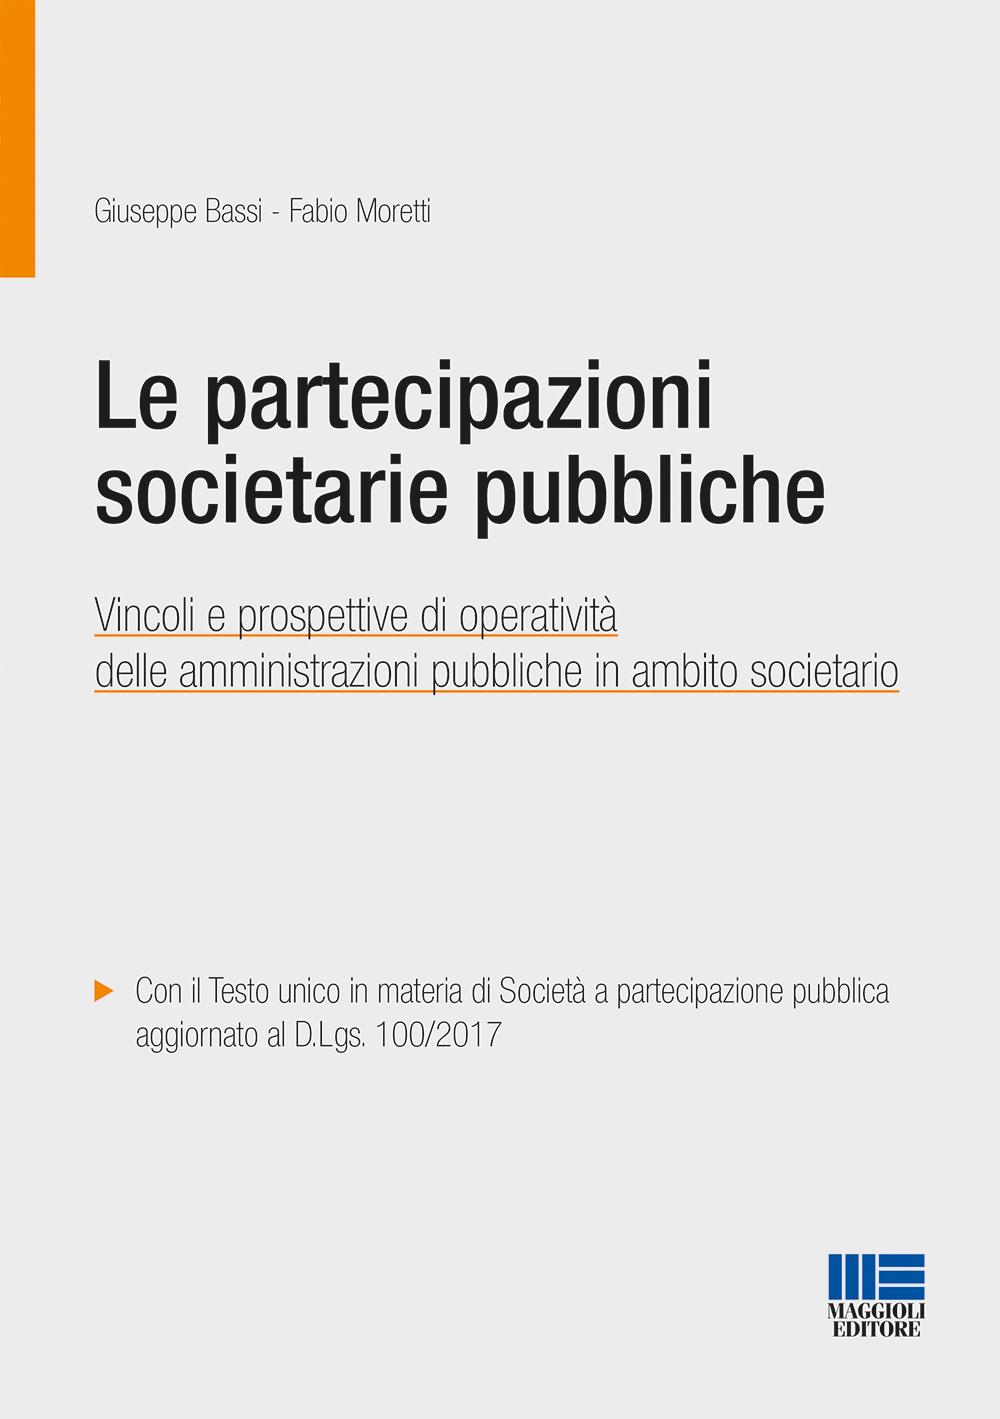 LE PARTECIPAZIONI SOCIETARIE PUBBLICHE